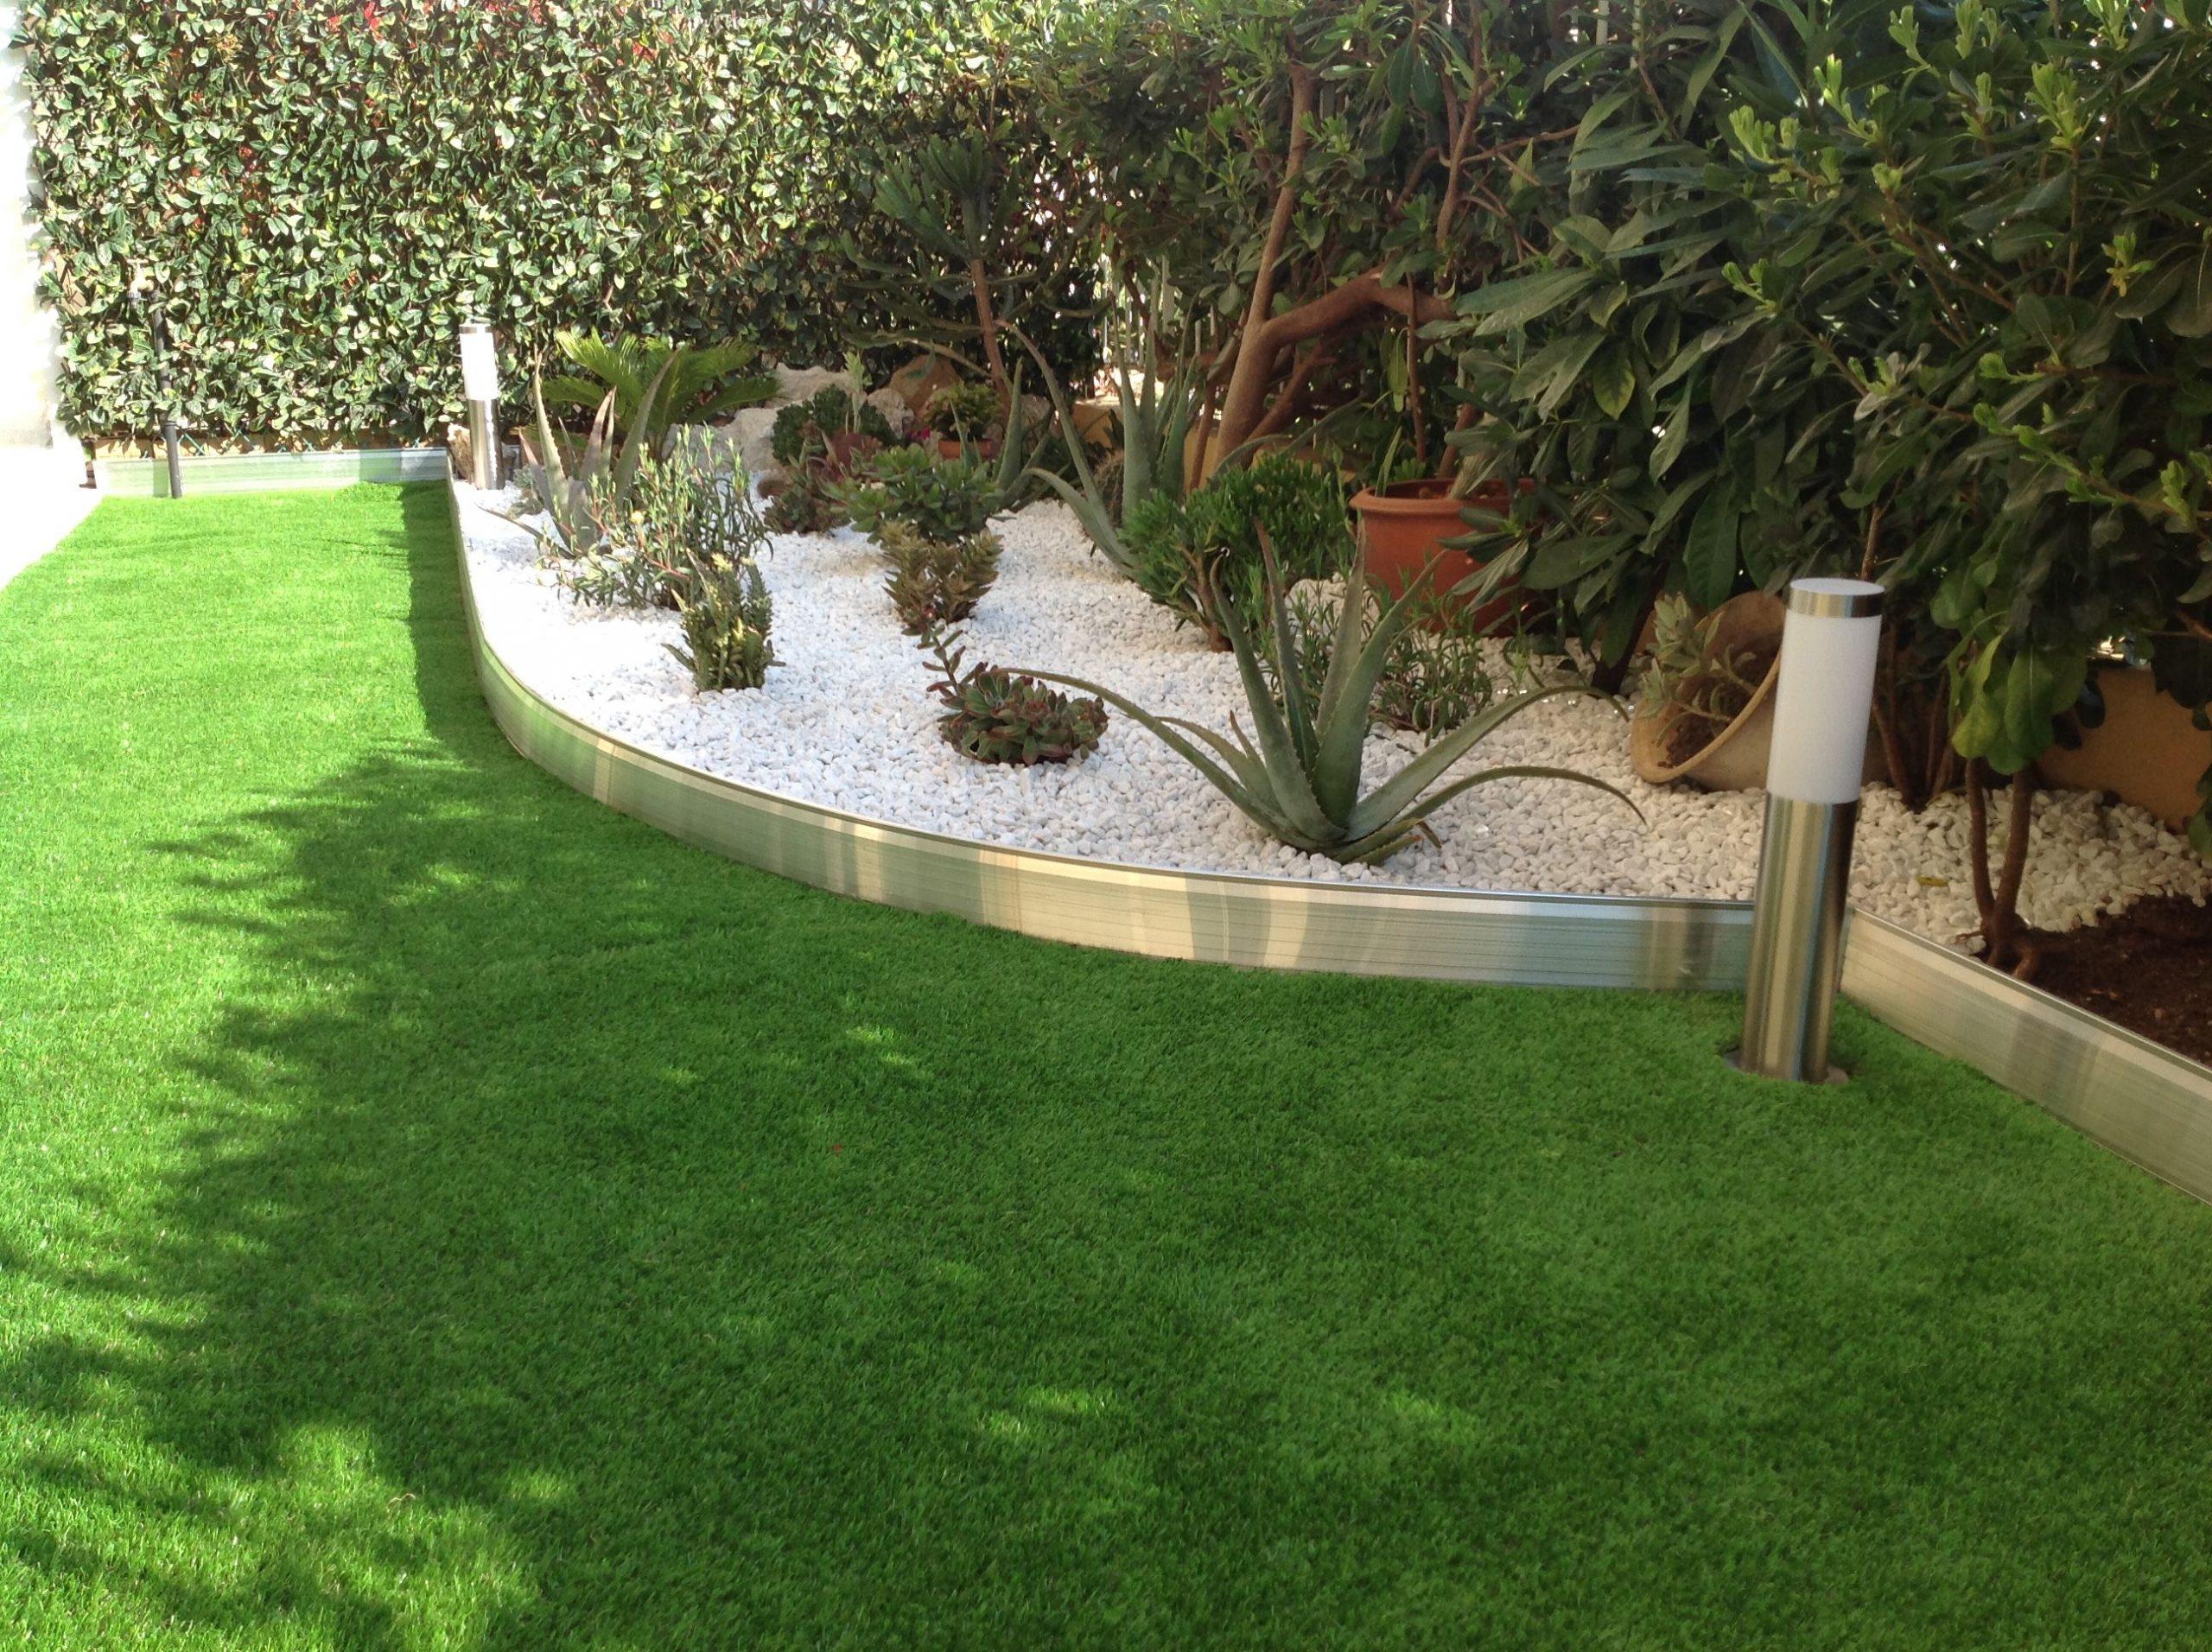 Bordure De Jardin En Aluminium Brut Avec Éclairage Led ... destiné Bordure Jardin Pas Cher